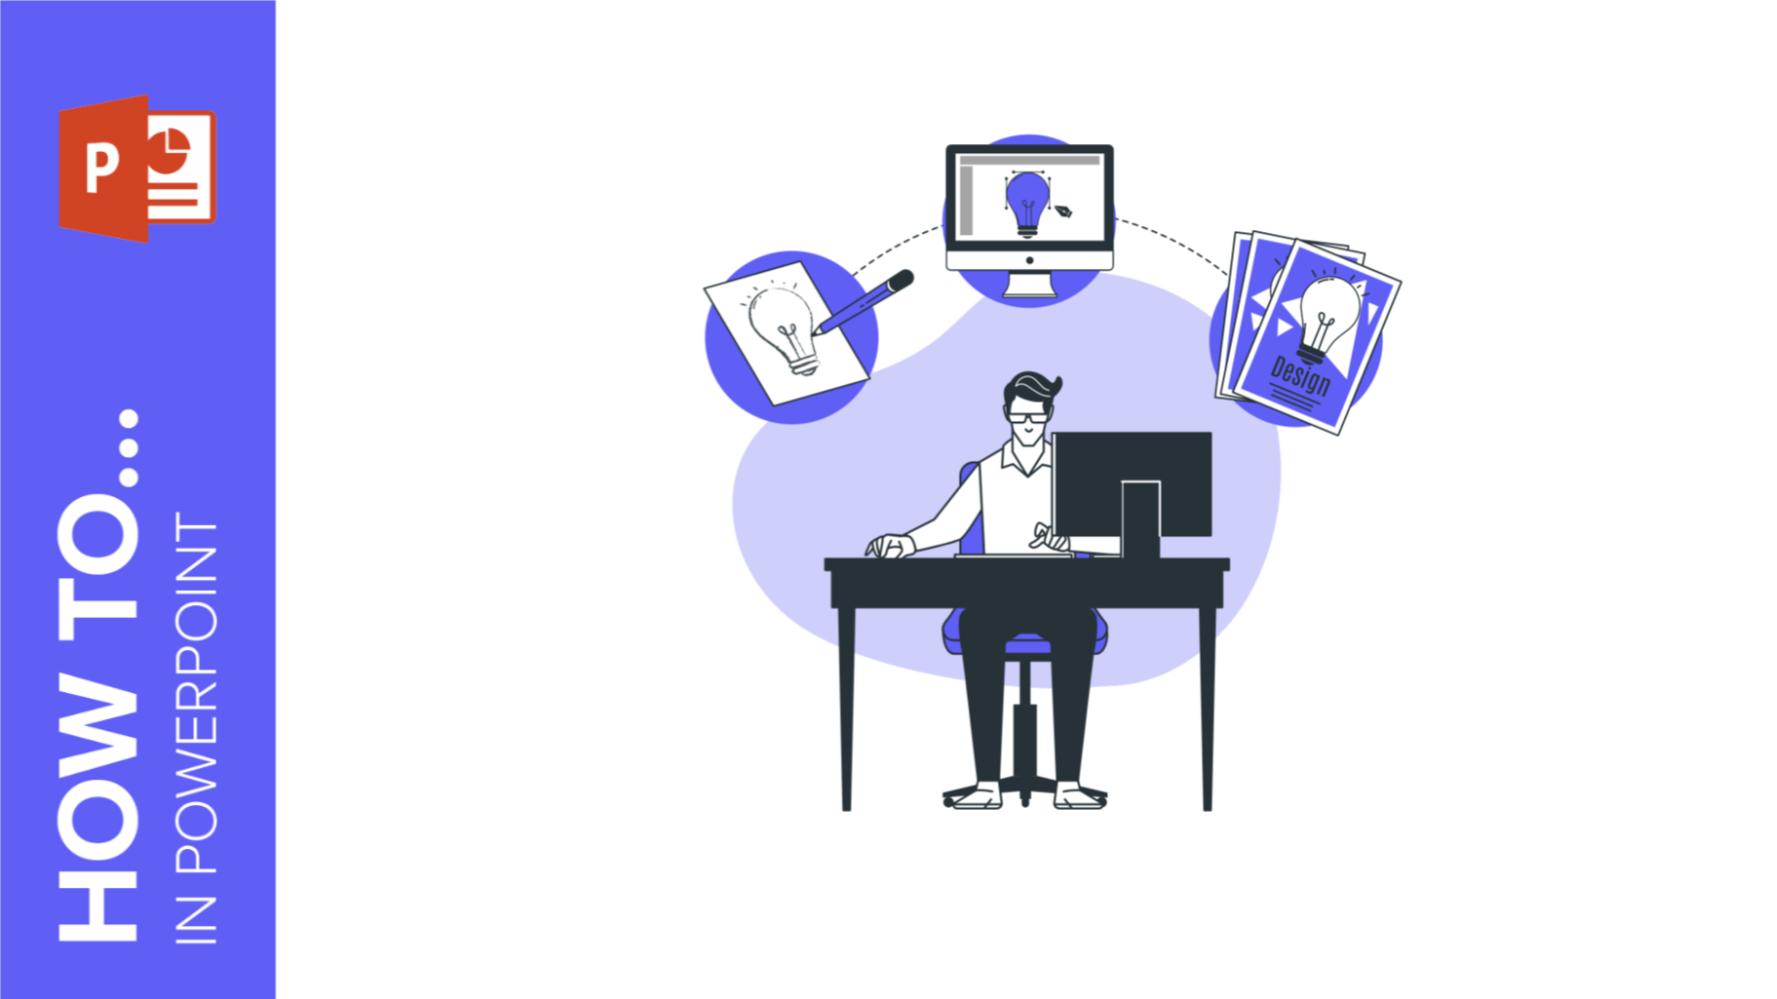 How to create a flyer in Powerpoint | Schnelle Tipps & Tutorials für deine Präsentationen